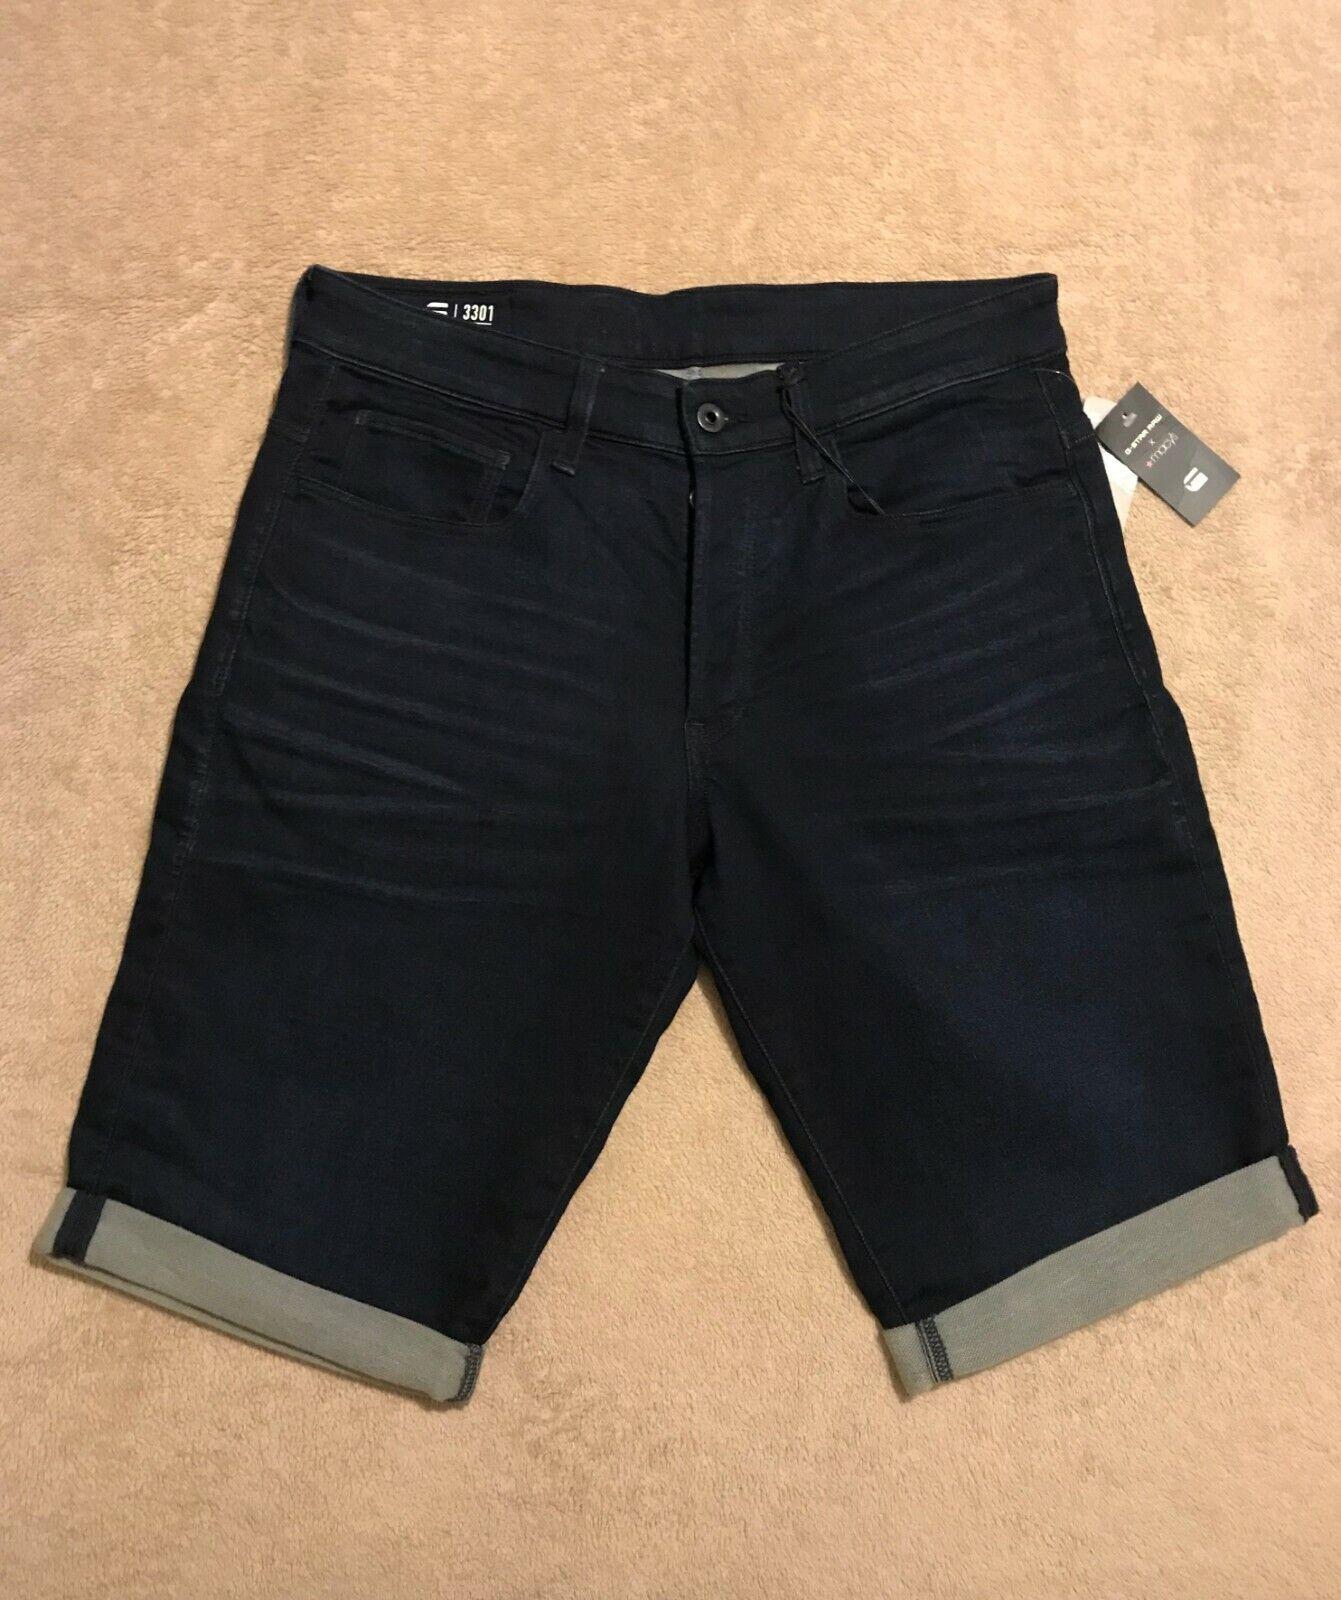 G STAR RAW Dark Indigo Aged 3301 Cella Stretchy Denim Mens 33   34 Cuffed Shorts